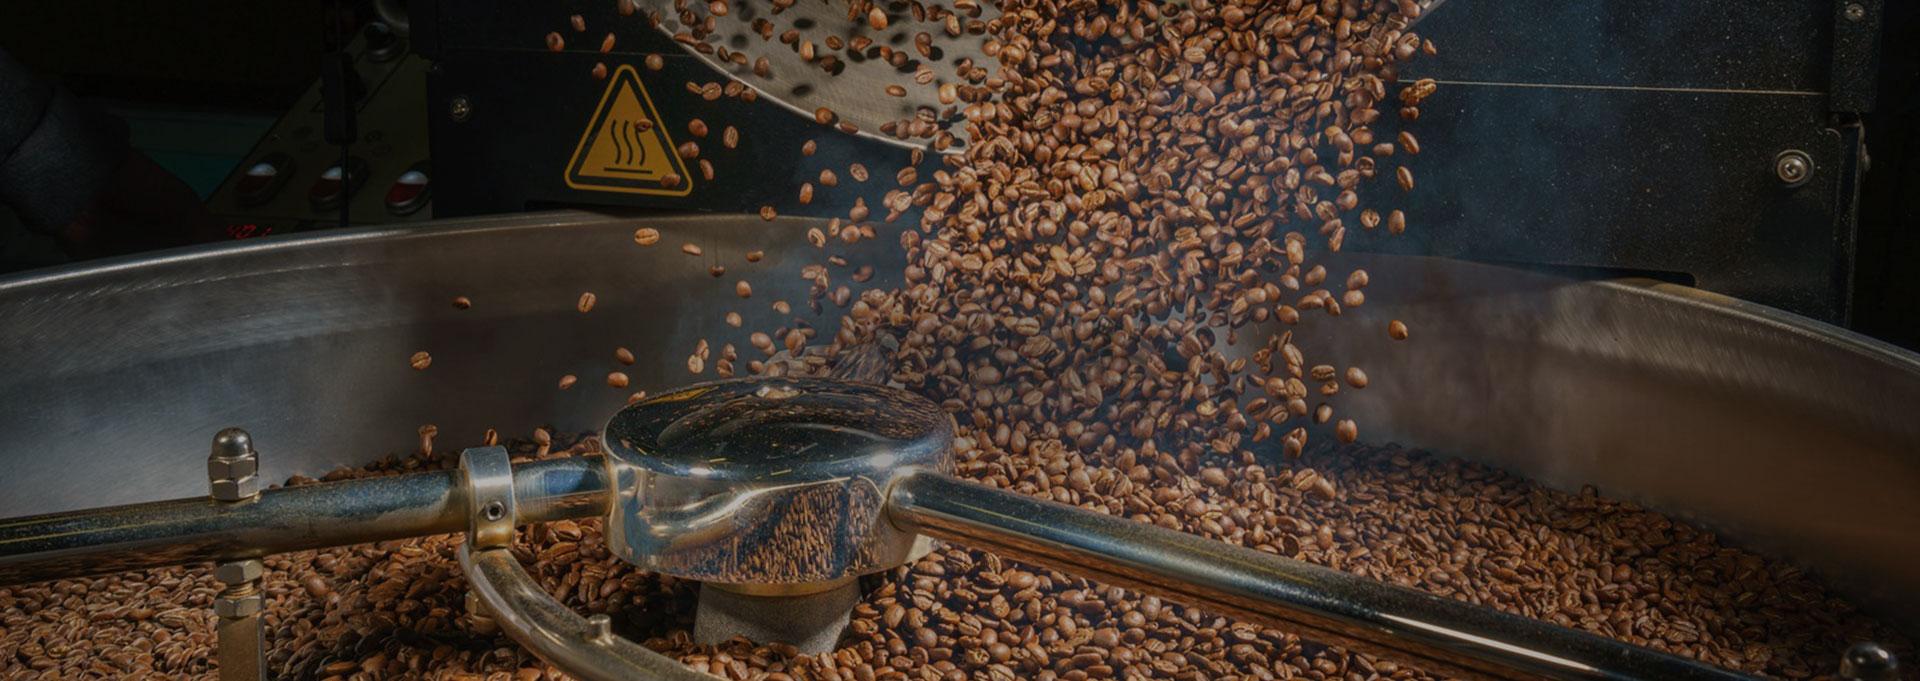 Производство и обжарка всех видов кофе на заказ в Санкт-Петербурге - slide 1